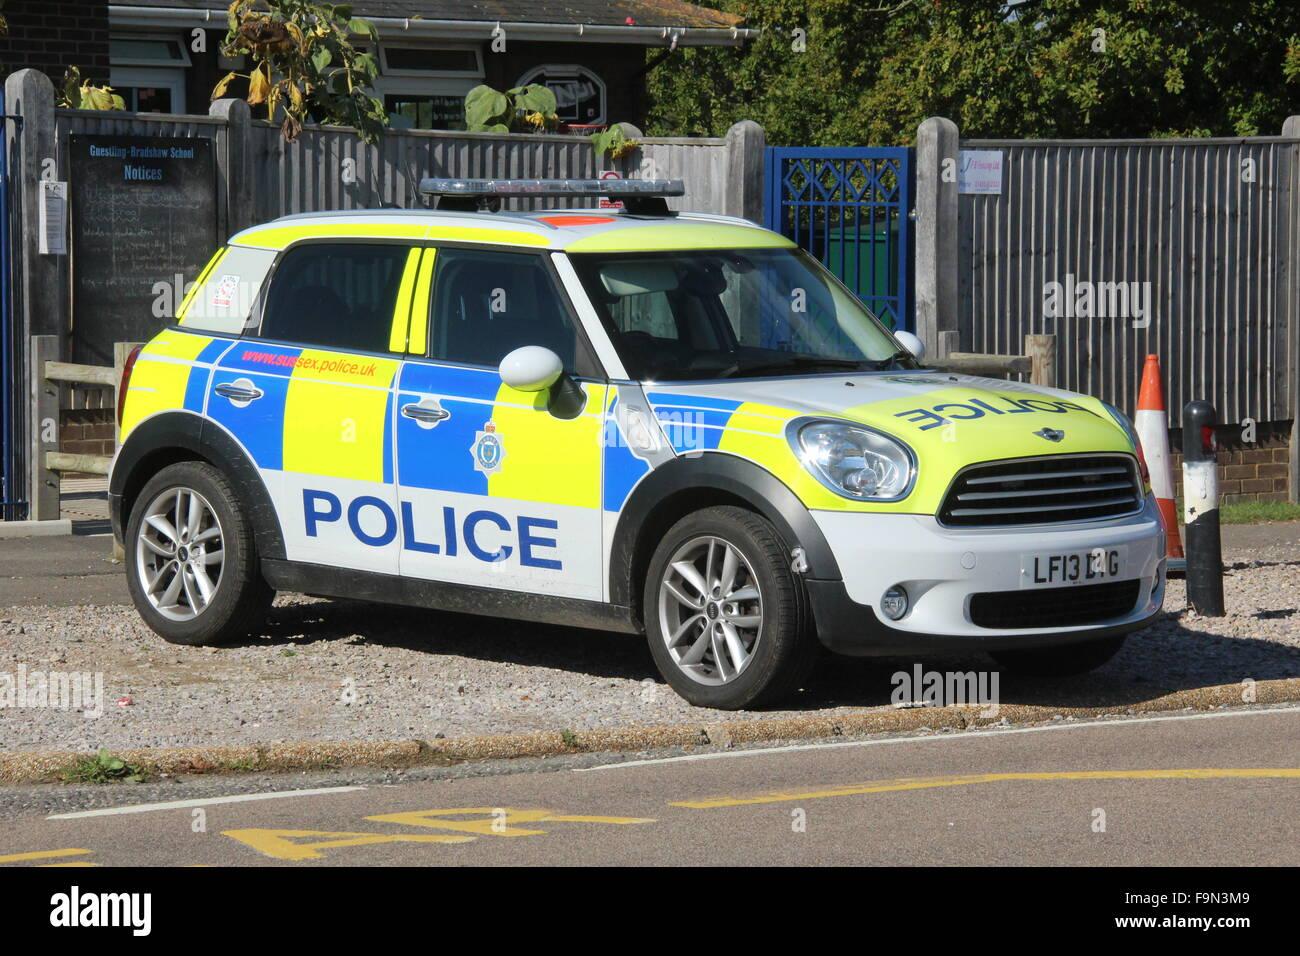 La POLICE DE SUSSEX NOUVEAU MINI BMW VOITURE DE POLICE VU GARÉ EN PUBLIC EN PLEIN SOLEIL Photo Stock